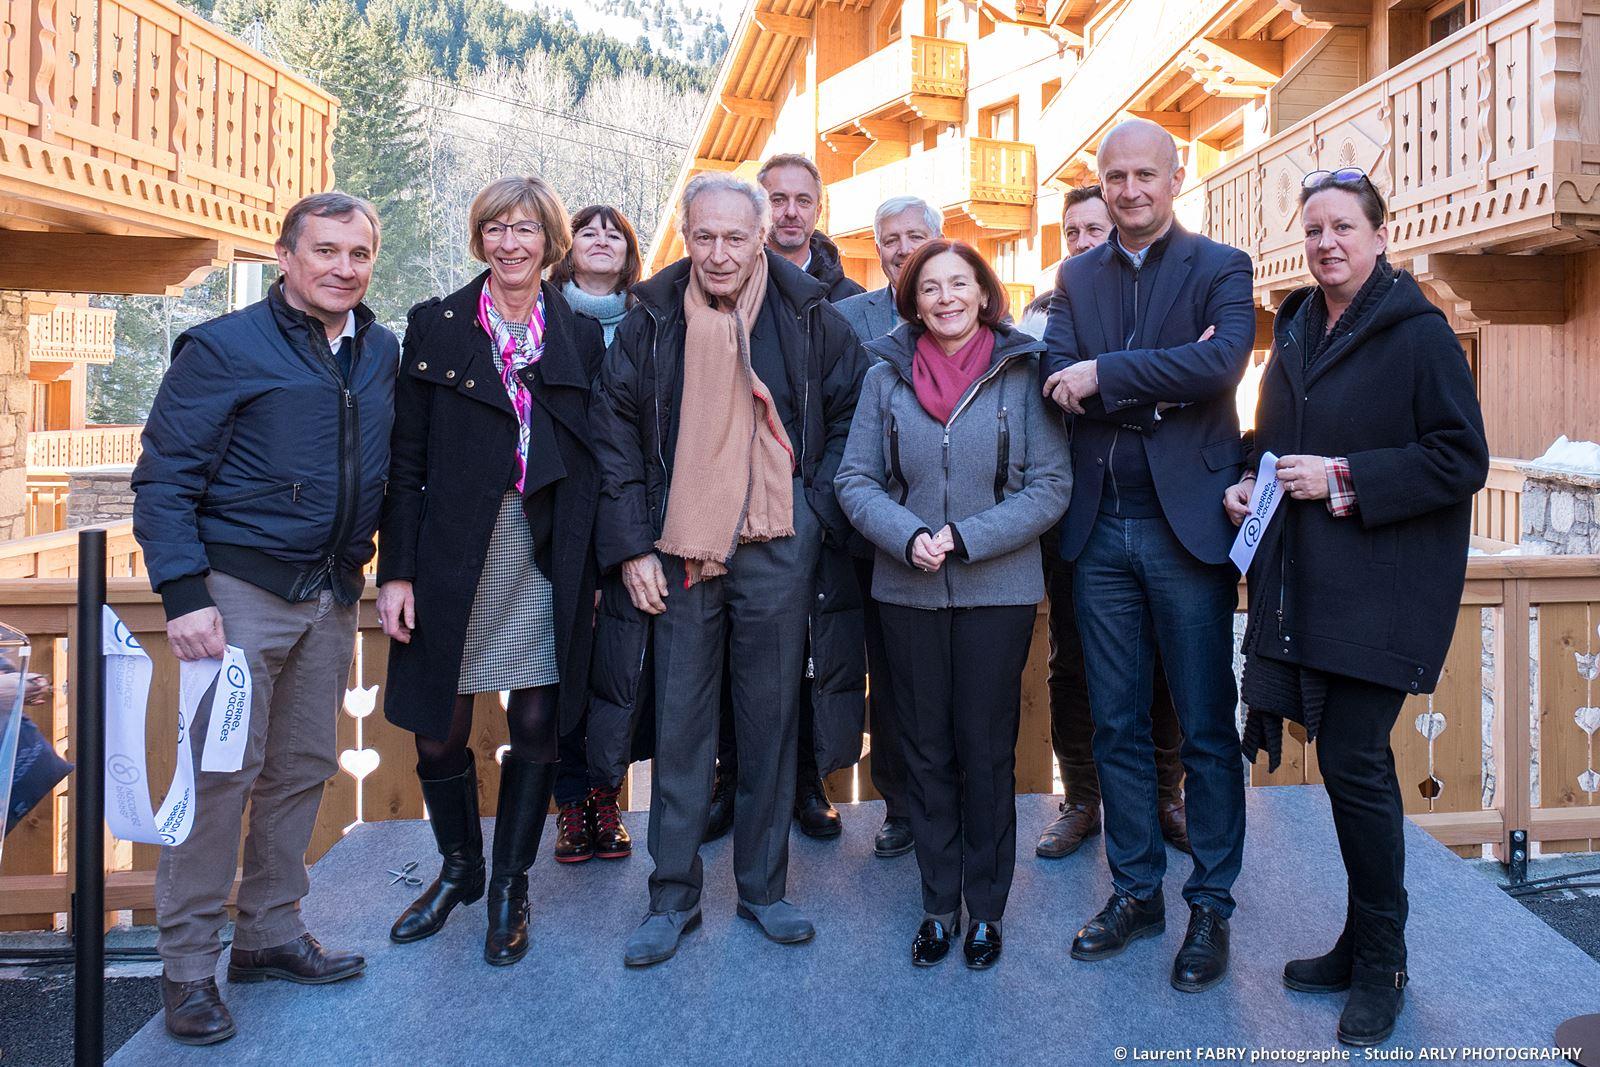 Photographe événementiel Inauguration : Résidence De Tourisme Dans Les Alpes